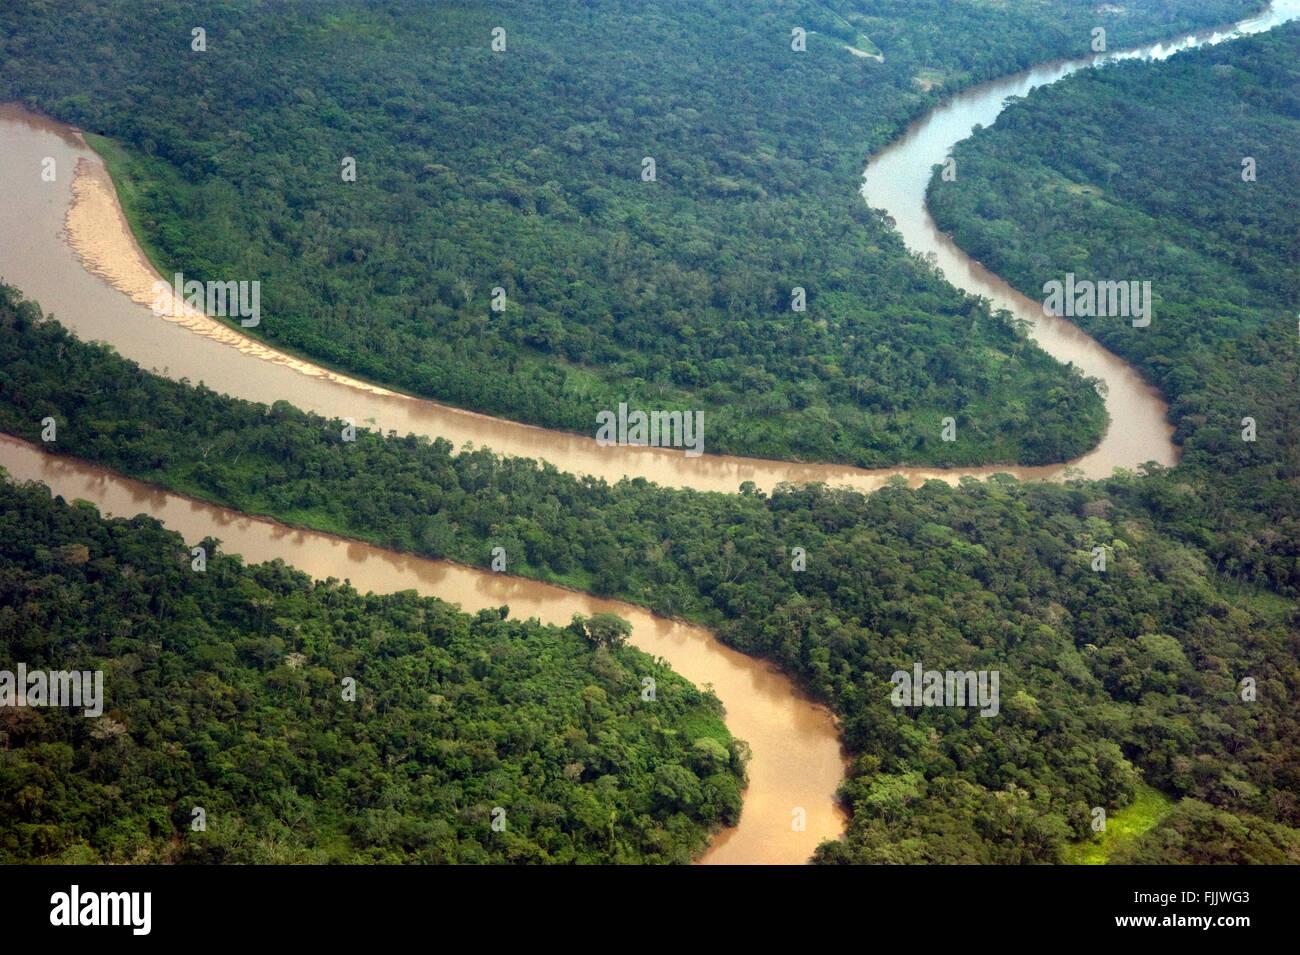 Vista aérea del Río Amazonas en Ecuador Imagen De Stock